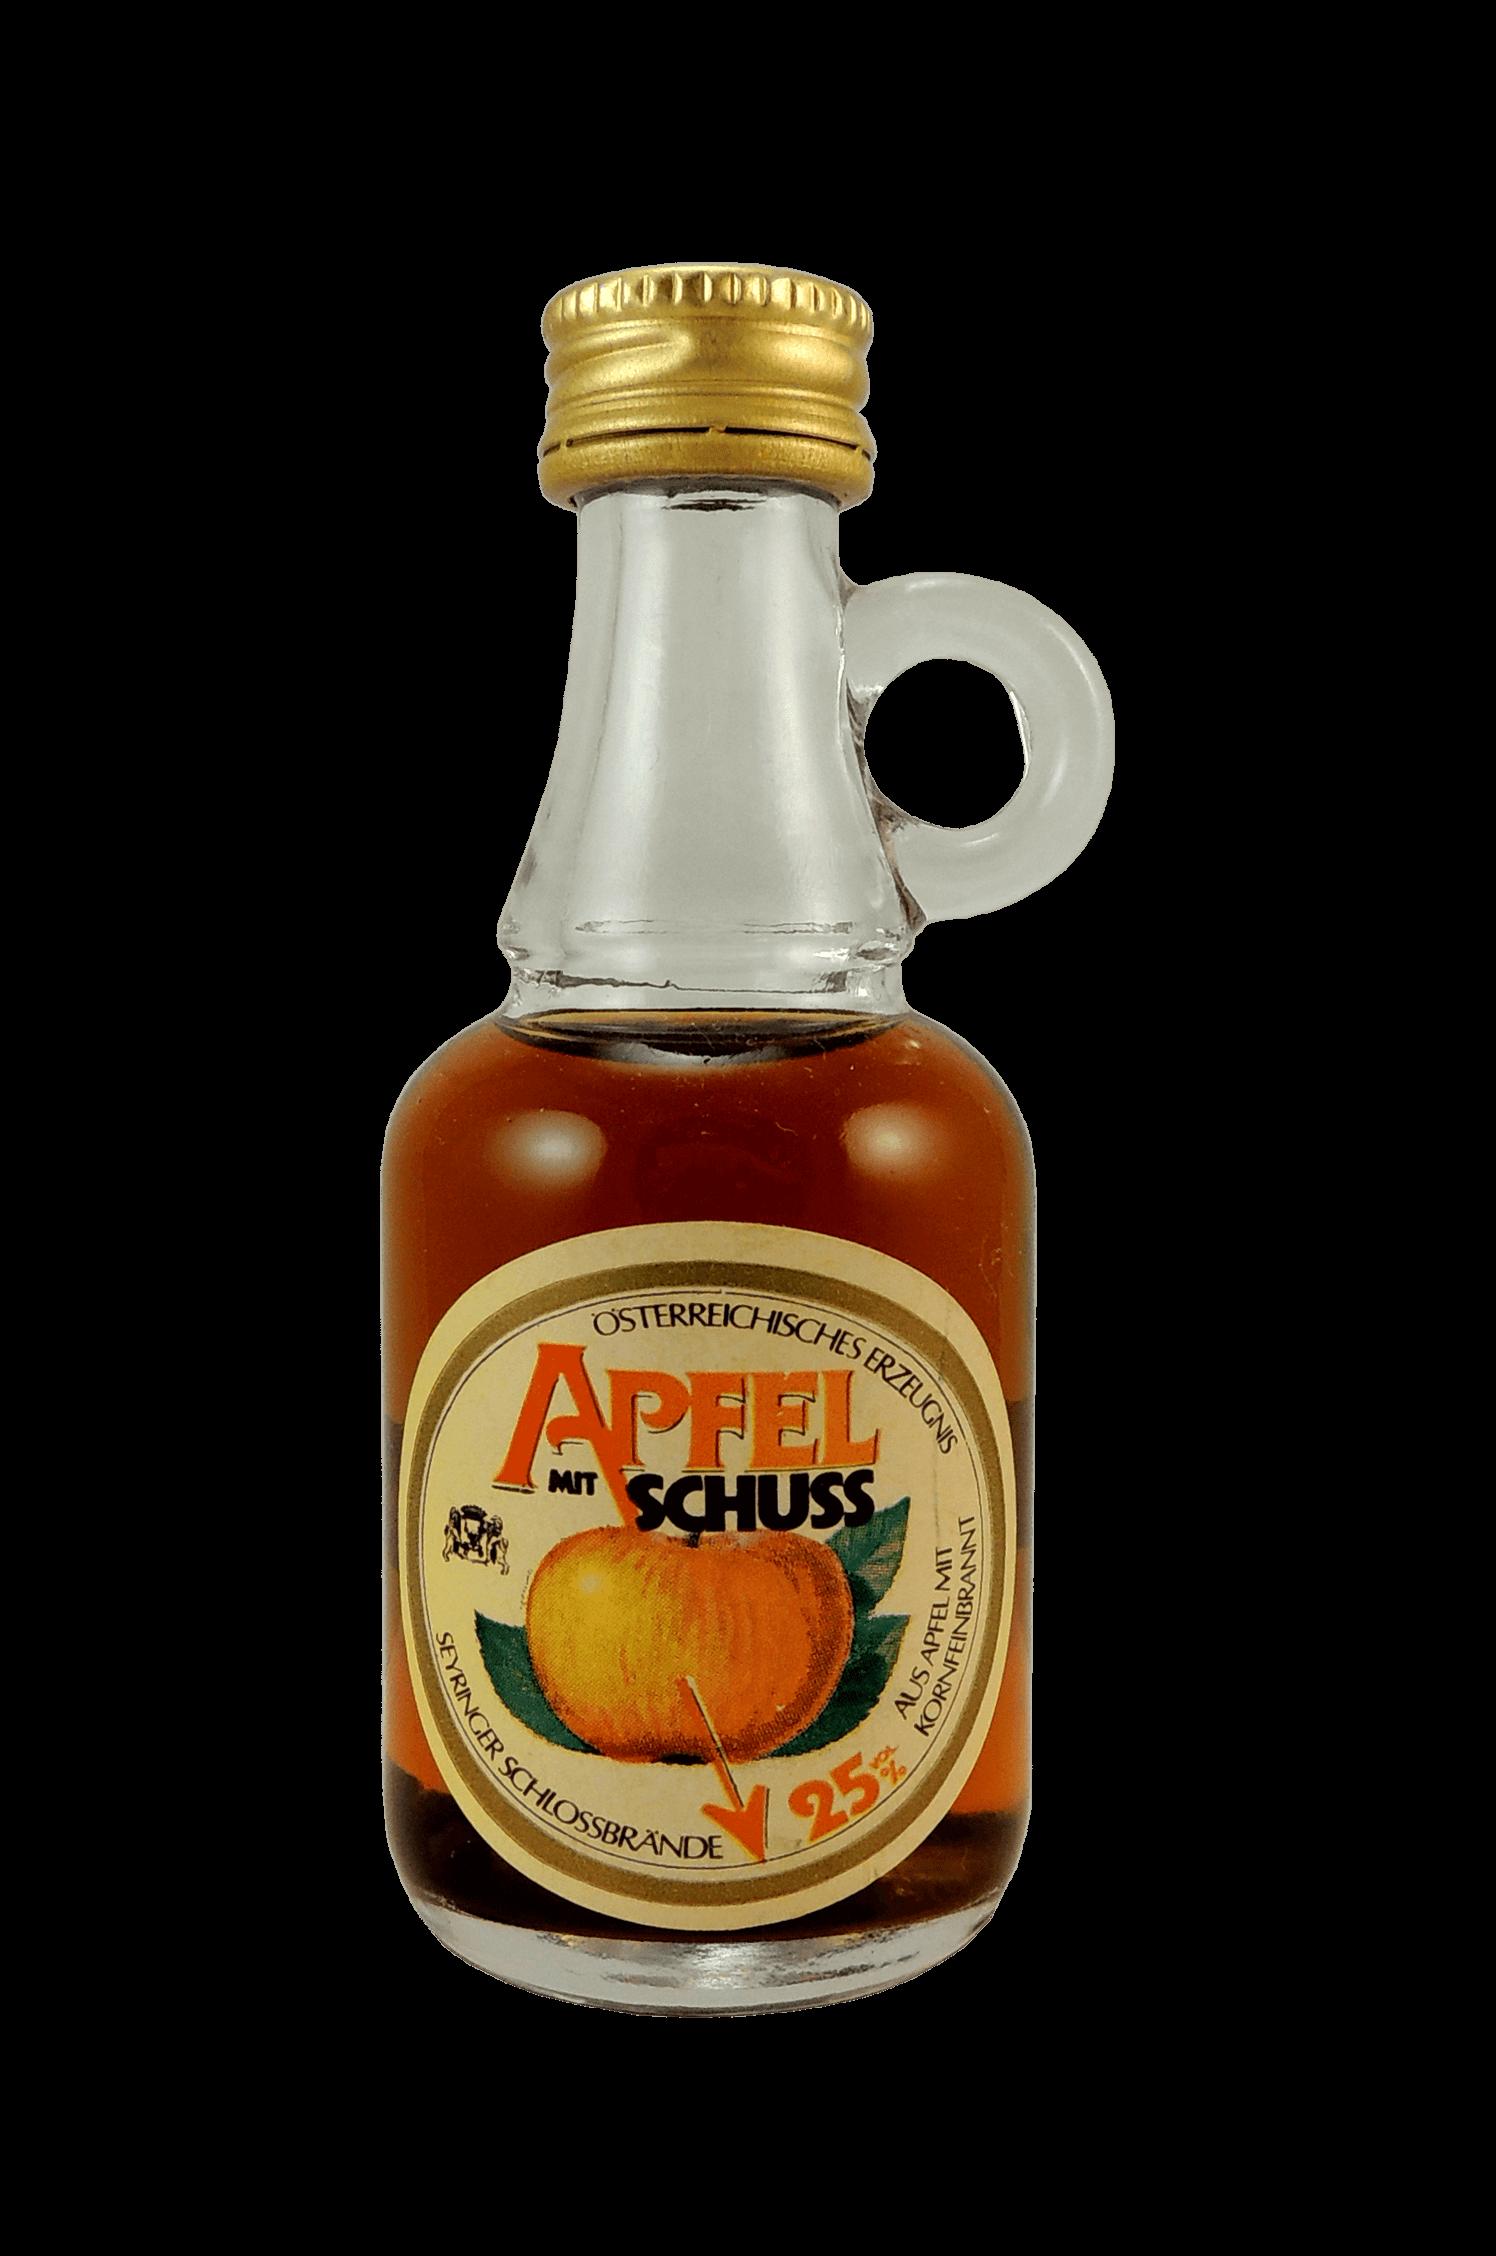 Apfel Schuss